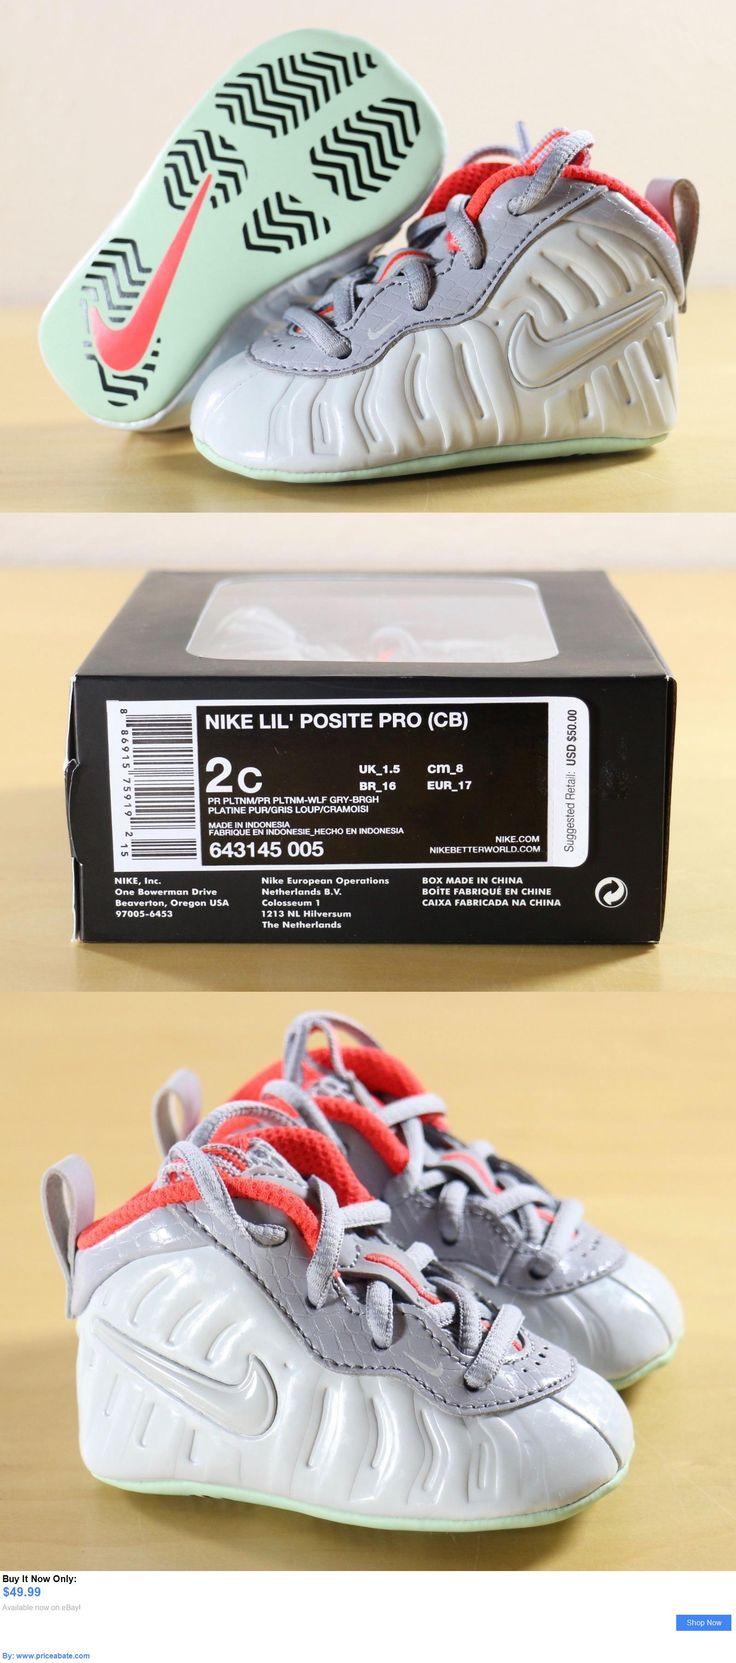 sizechart-footwear - New Balance